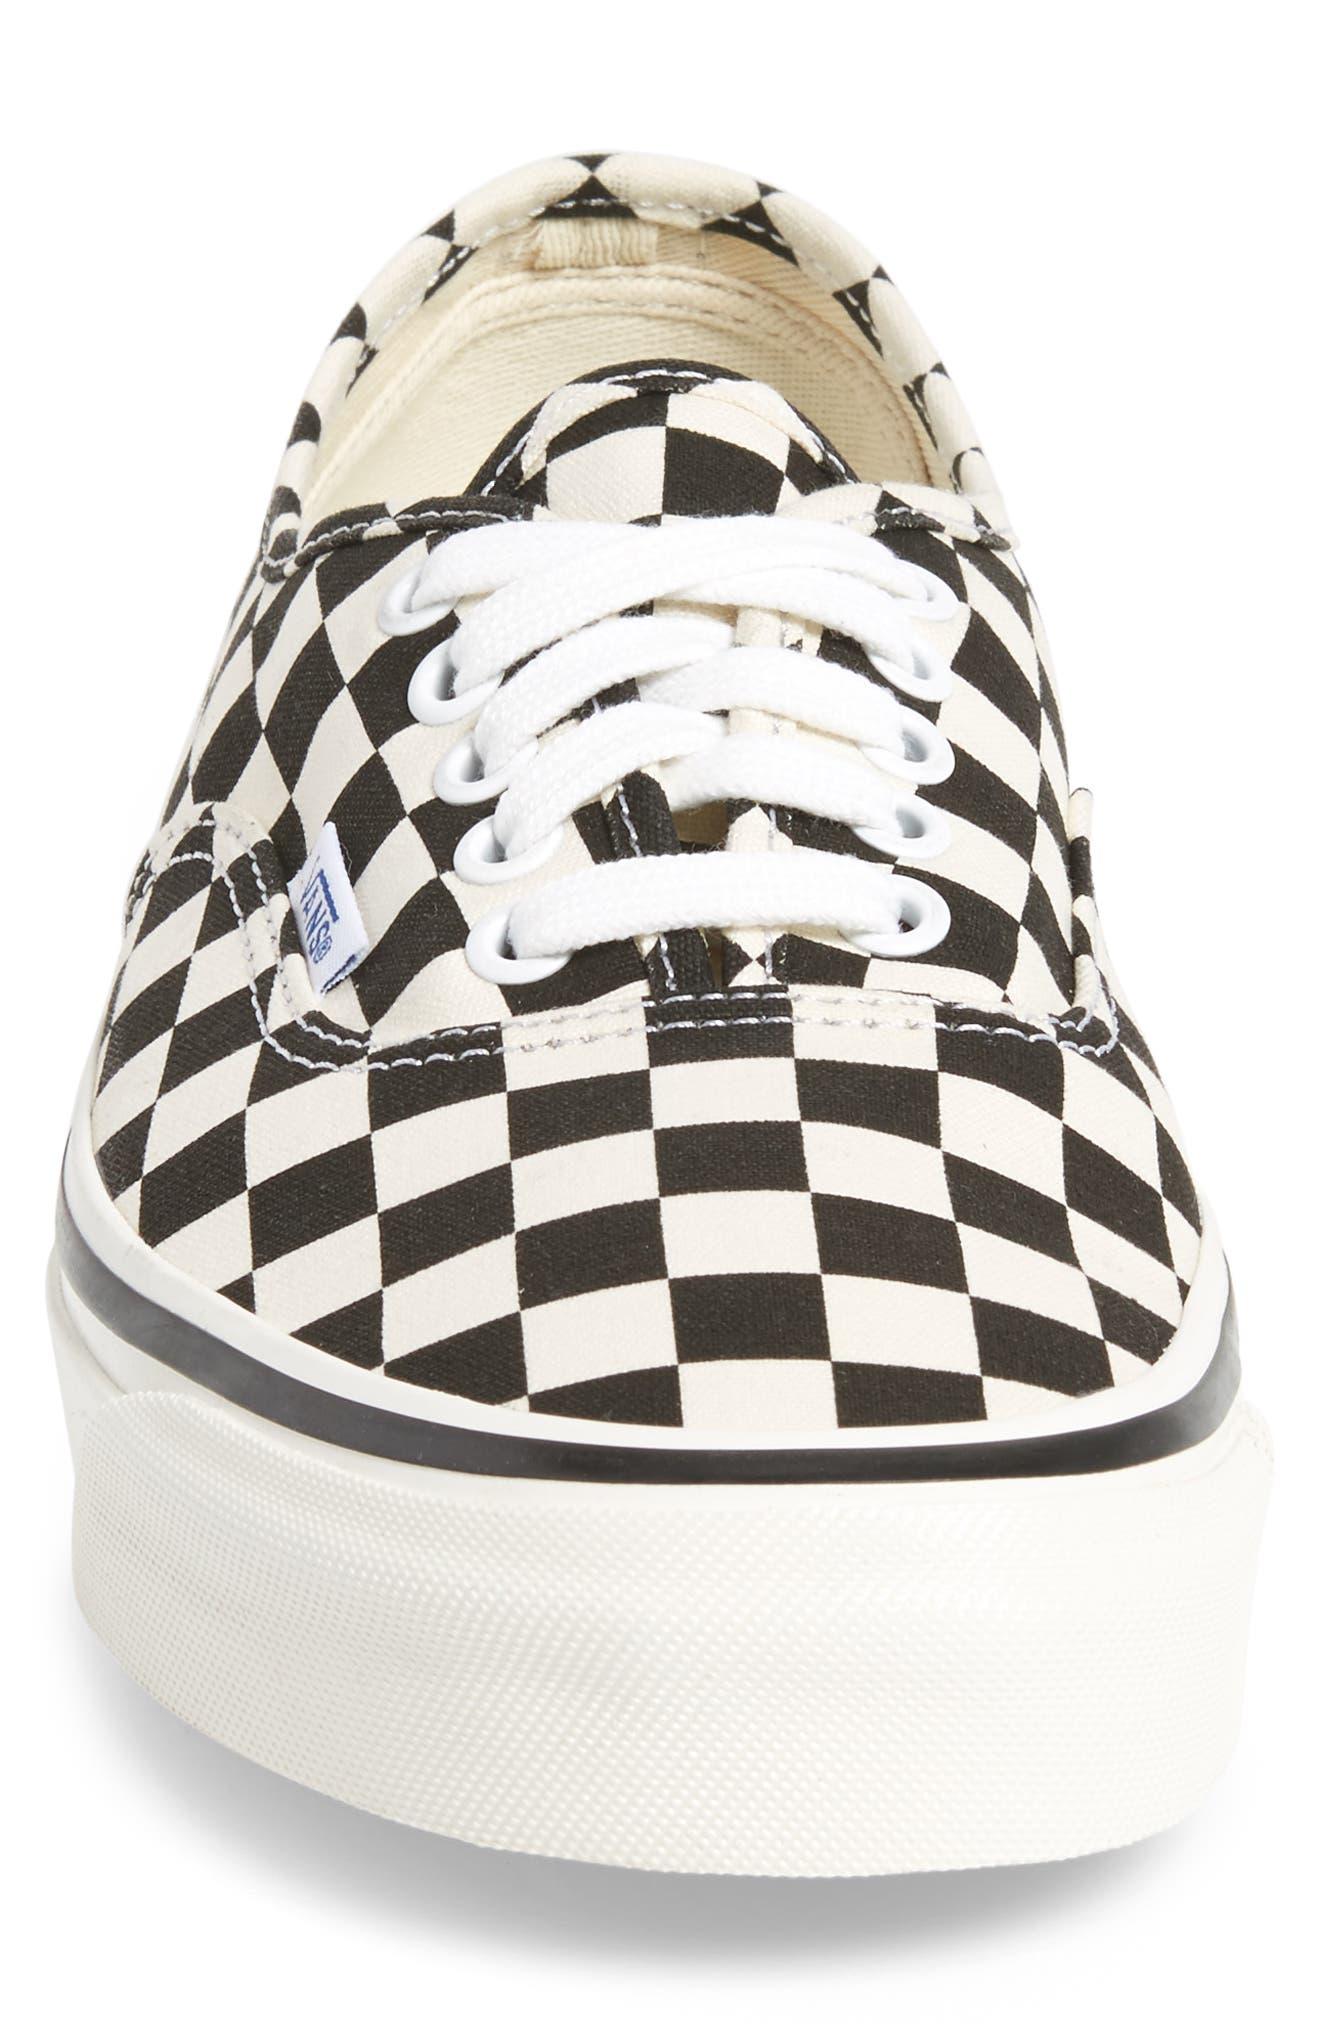 UA Authentic 44 DX Sneaker,                             Alternate thumbnail 4, color,                             Black/ Check Canvas